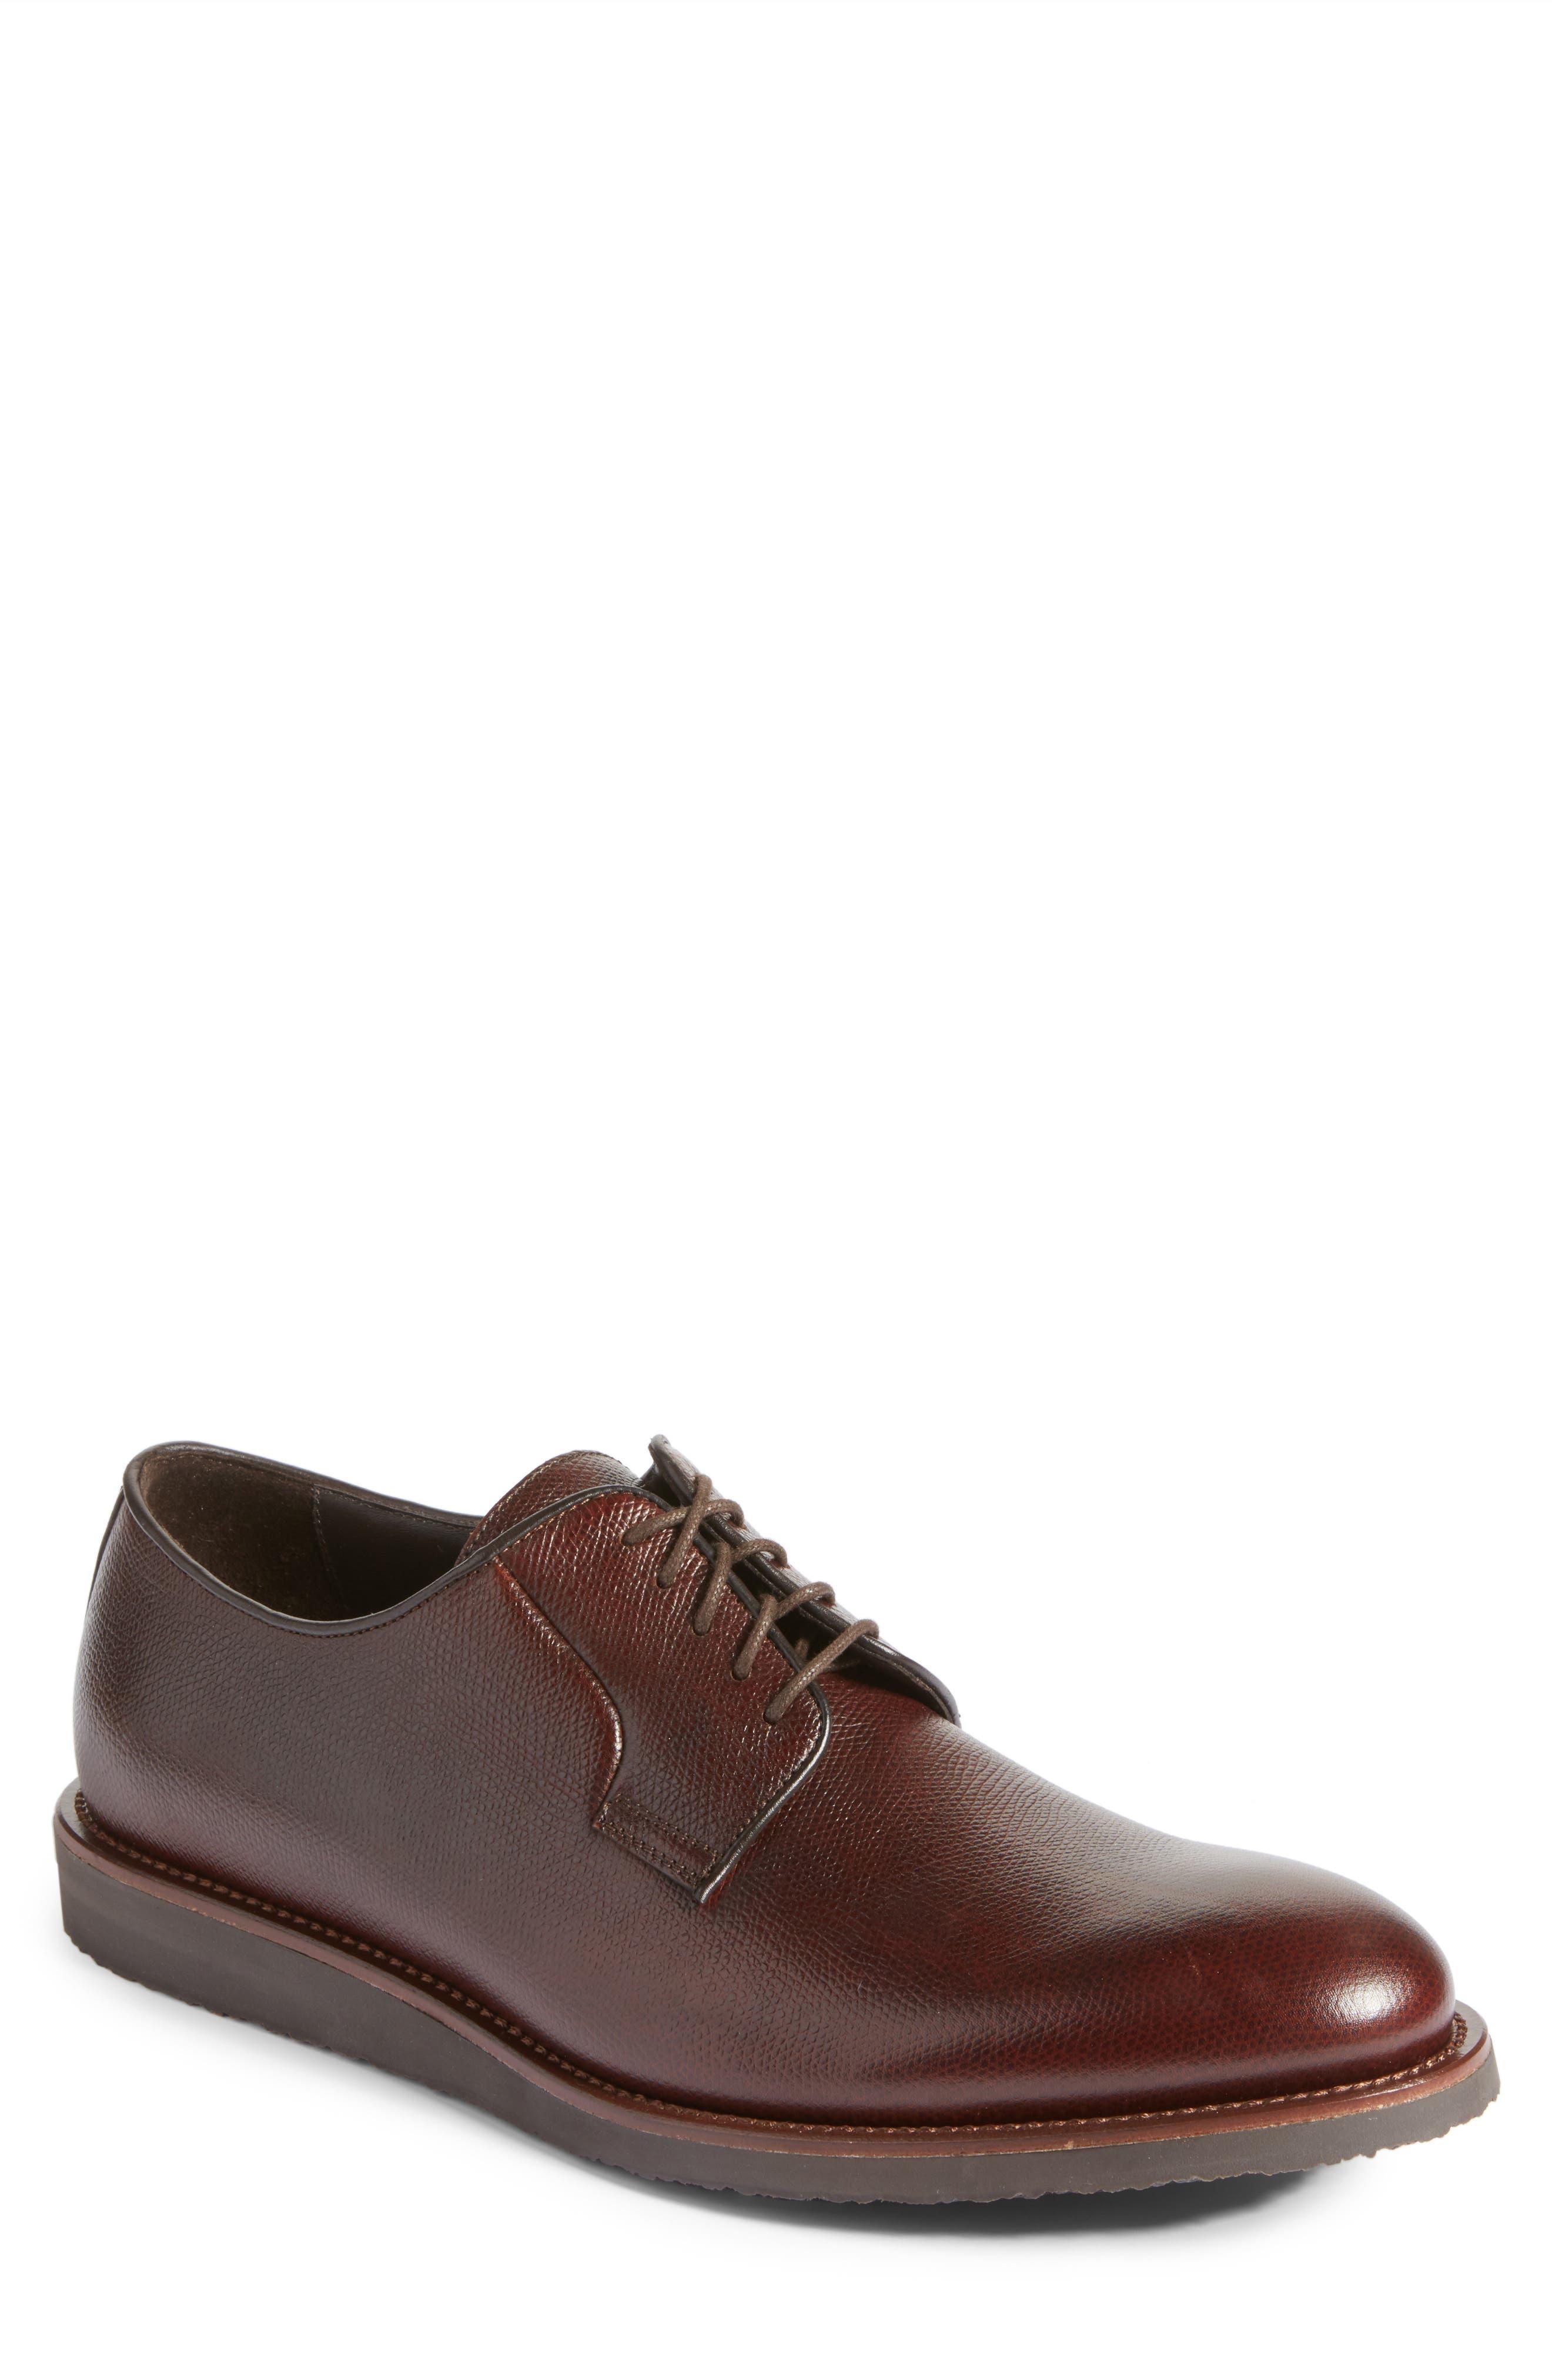 Samuel Plain-Toe Derby,                             Main thumbnail 1, color,                             Tronco Leather